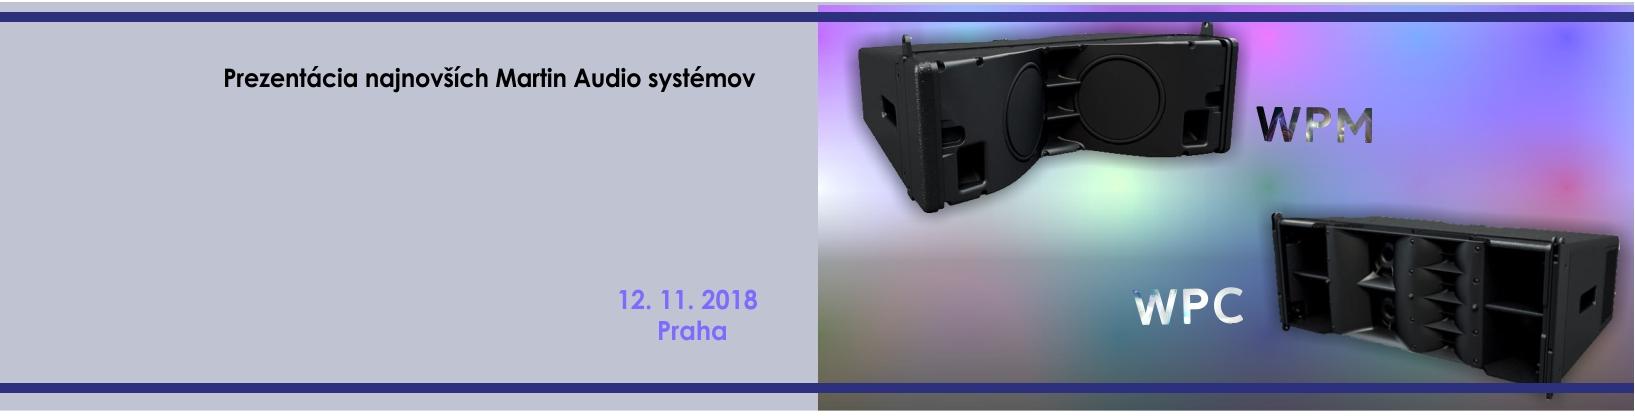 prezentácia najnovších zvukových systémov Martin Audio - WPC a WPM, 12.11.2018, Praha